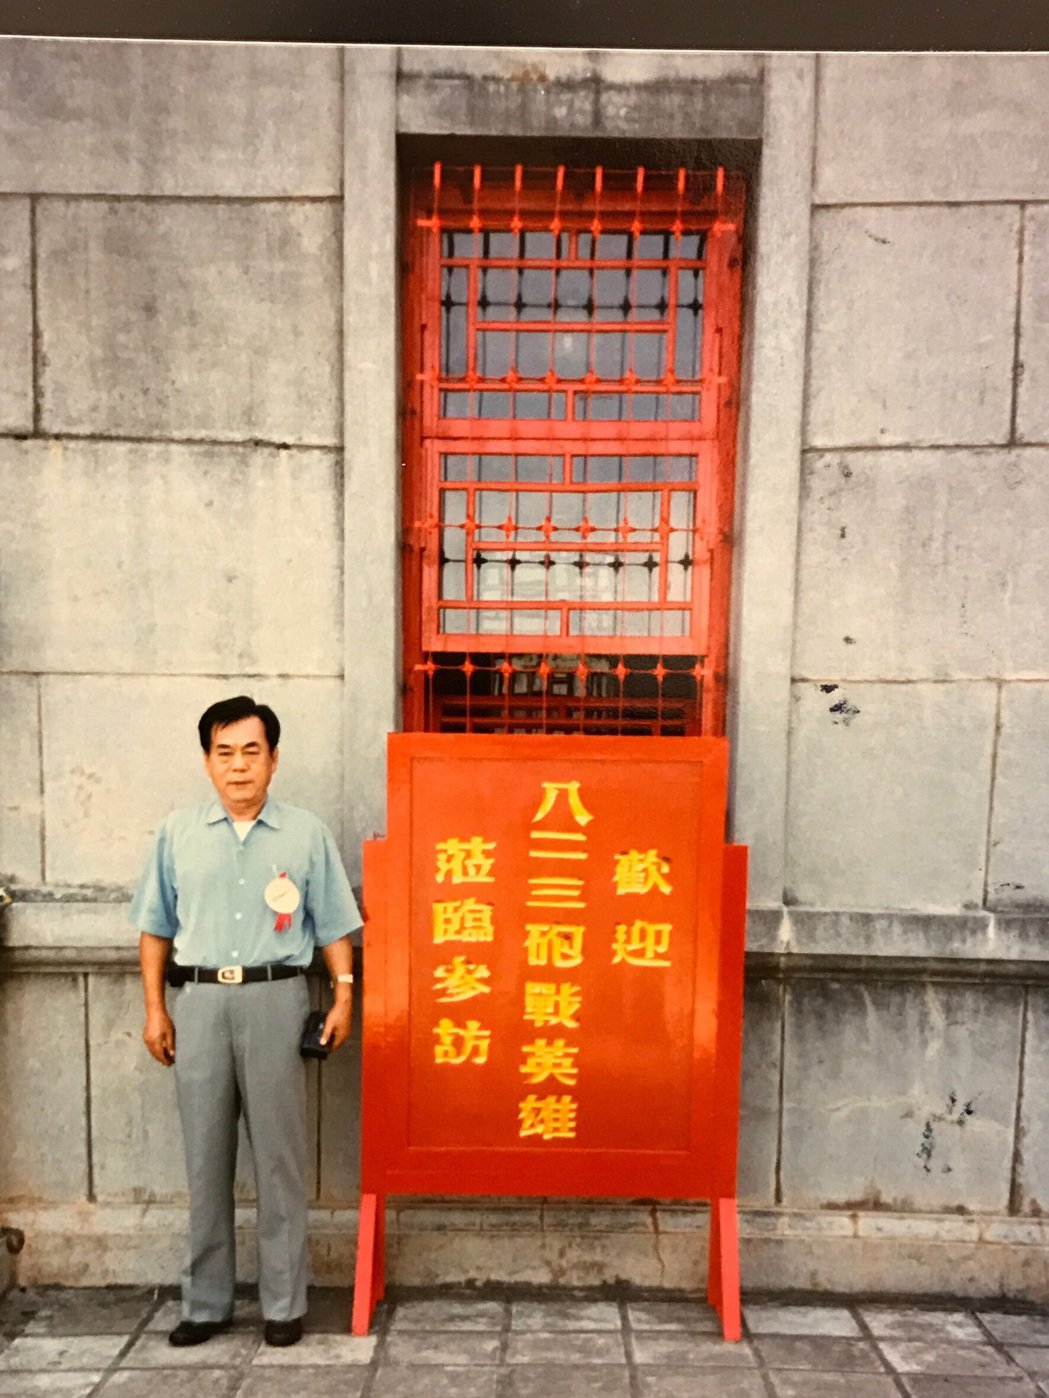 時任八二三砲戰的砲兵營長魯鳳三當年獨斷下令「儘速猛烈反擊!」。如果當時的他沒有這...